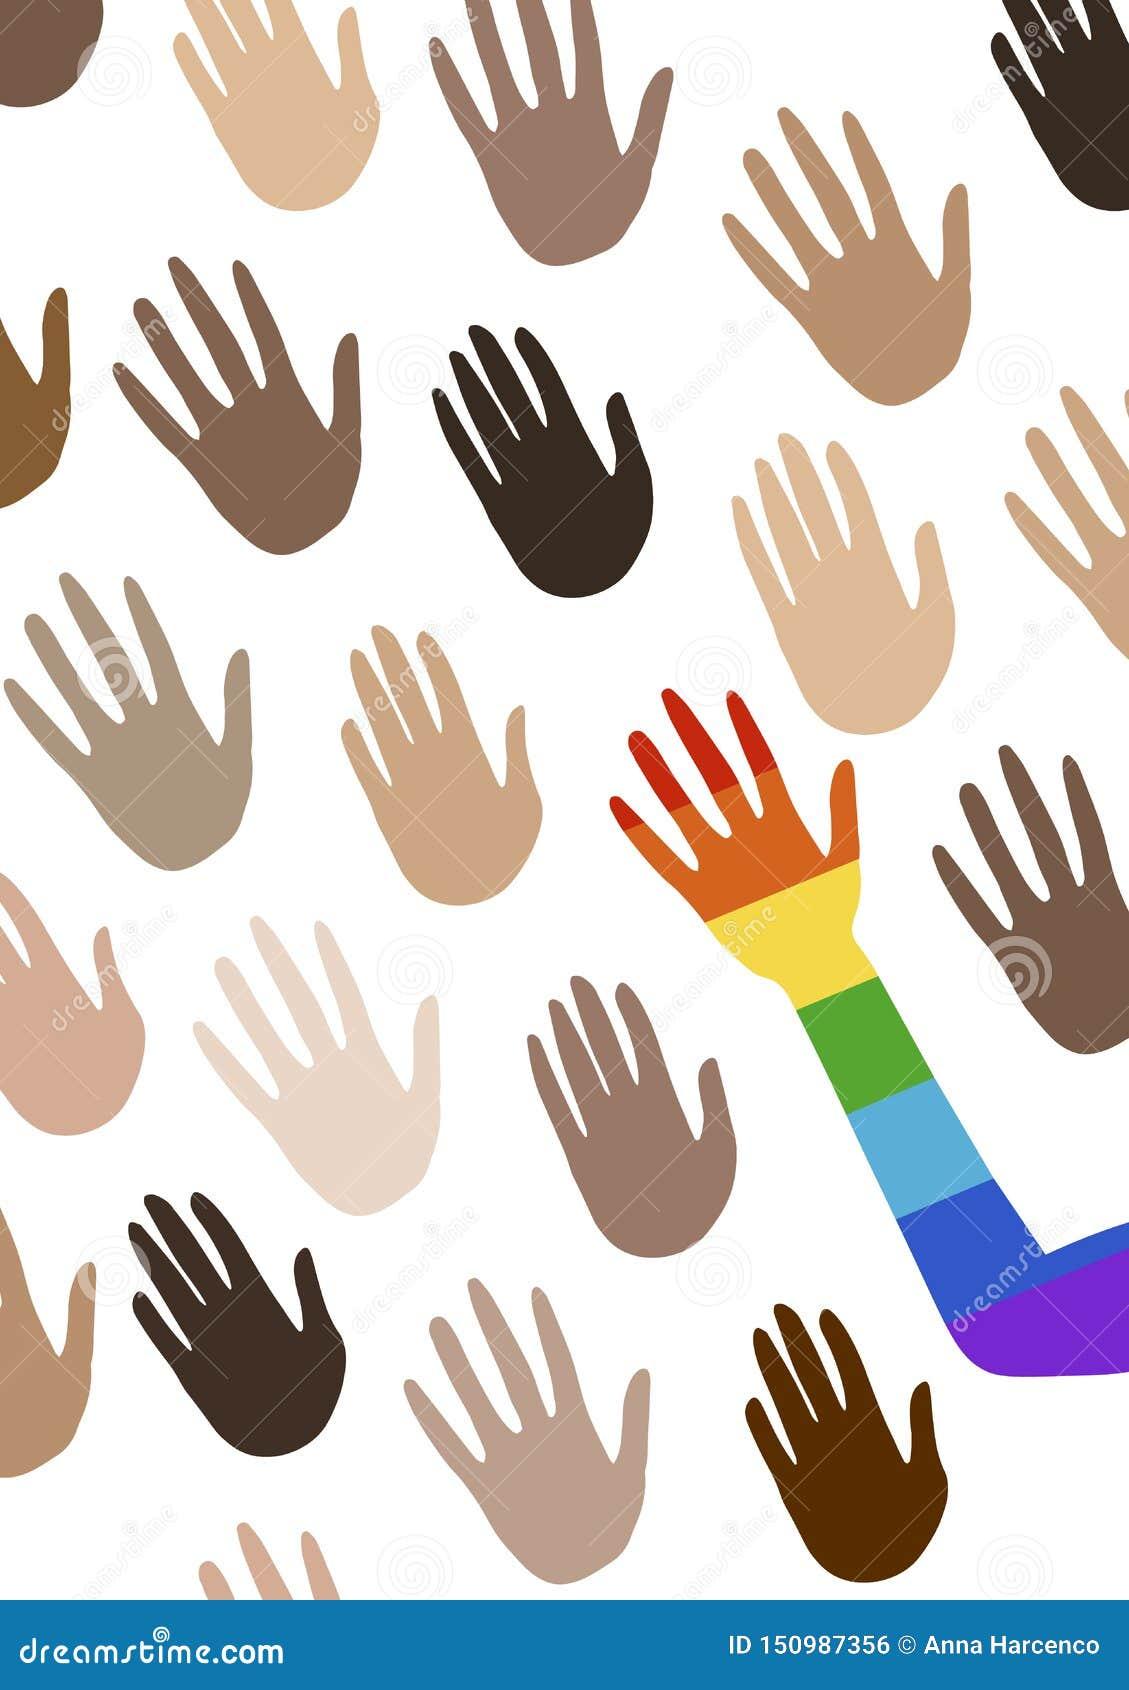 Αφίσα με τα πολυ εθνικά χέρια ομάδας και αφήγηση για τη ισότητα φίλων Η σημαία του φάσματος της υπερηφάνειας, ομοφυλοφυλία, το em